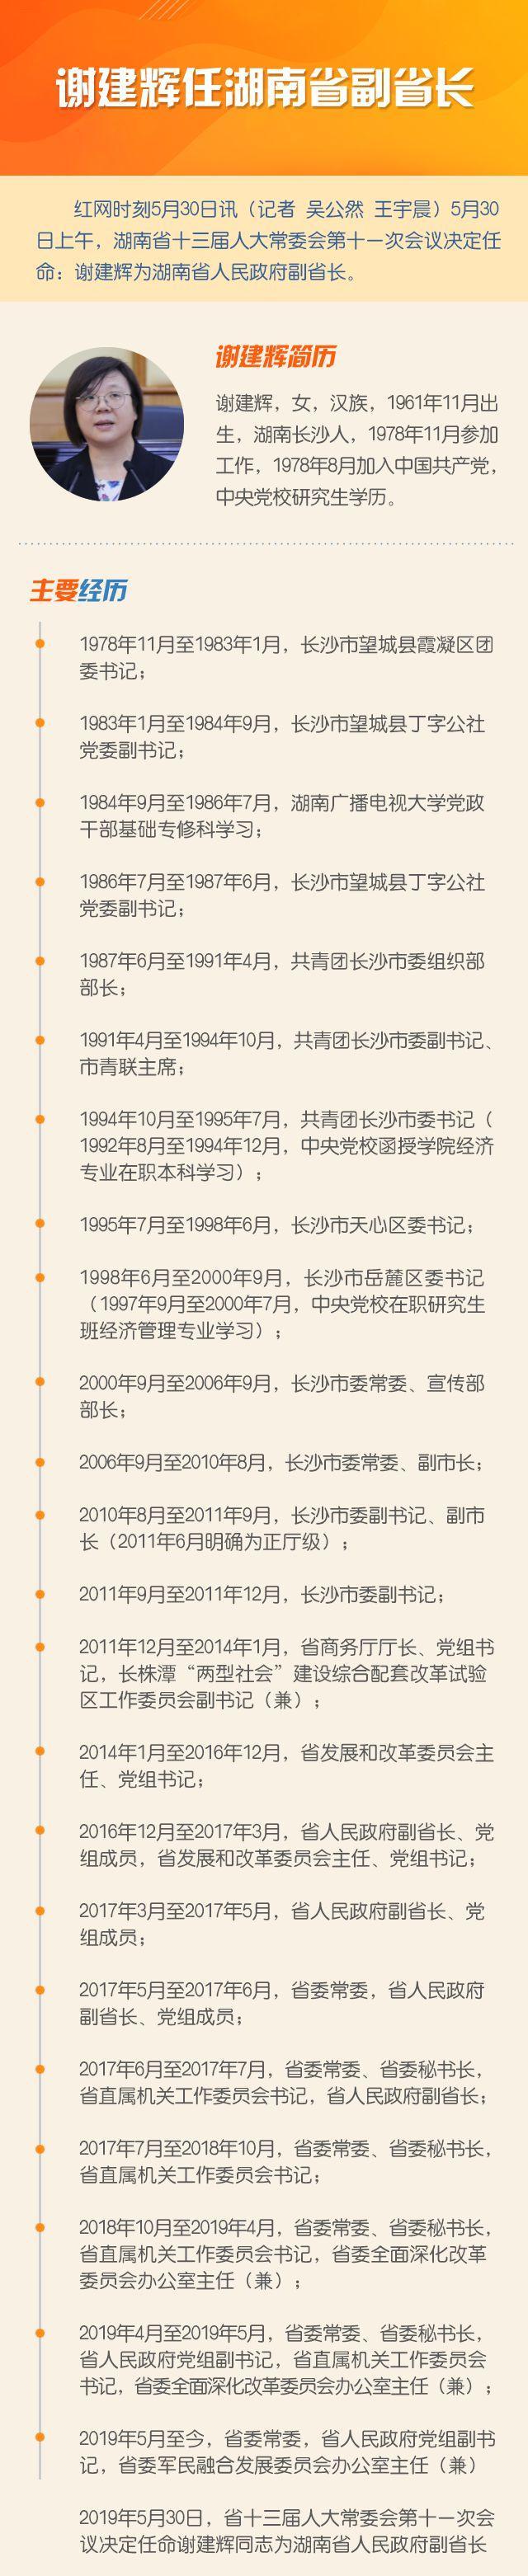 谢建辉任湖南省副省长 表态:廉洁用权不踩红线